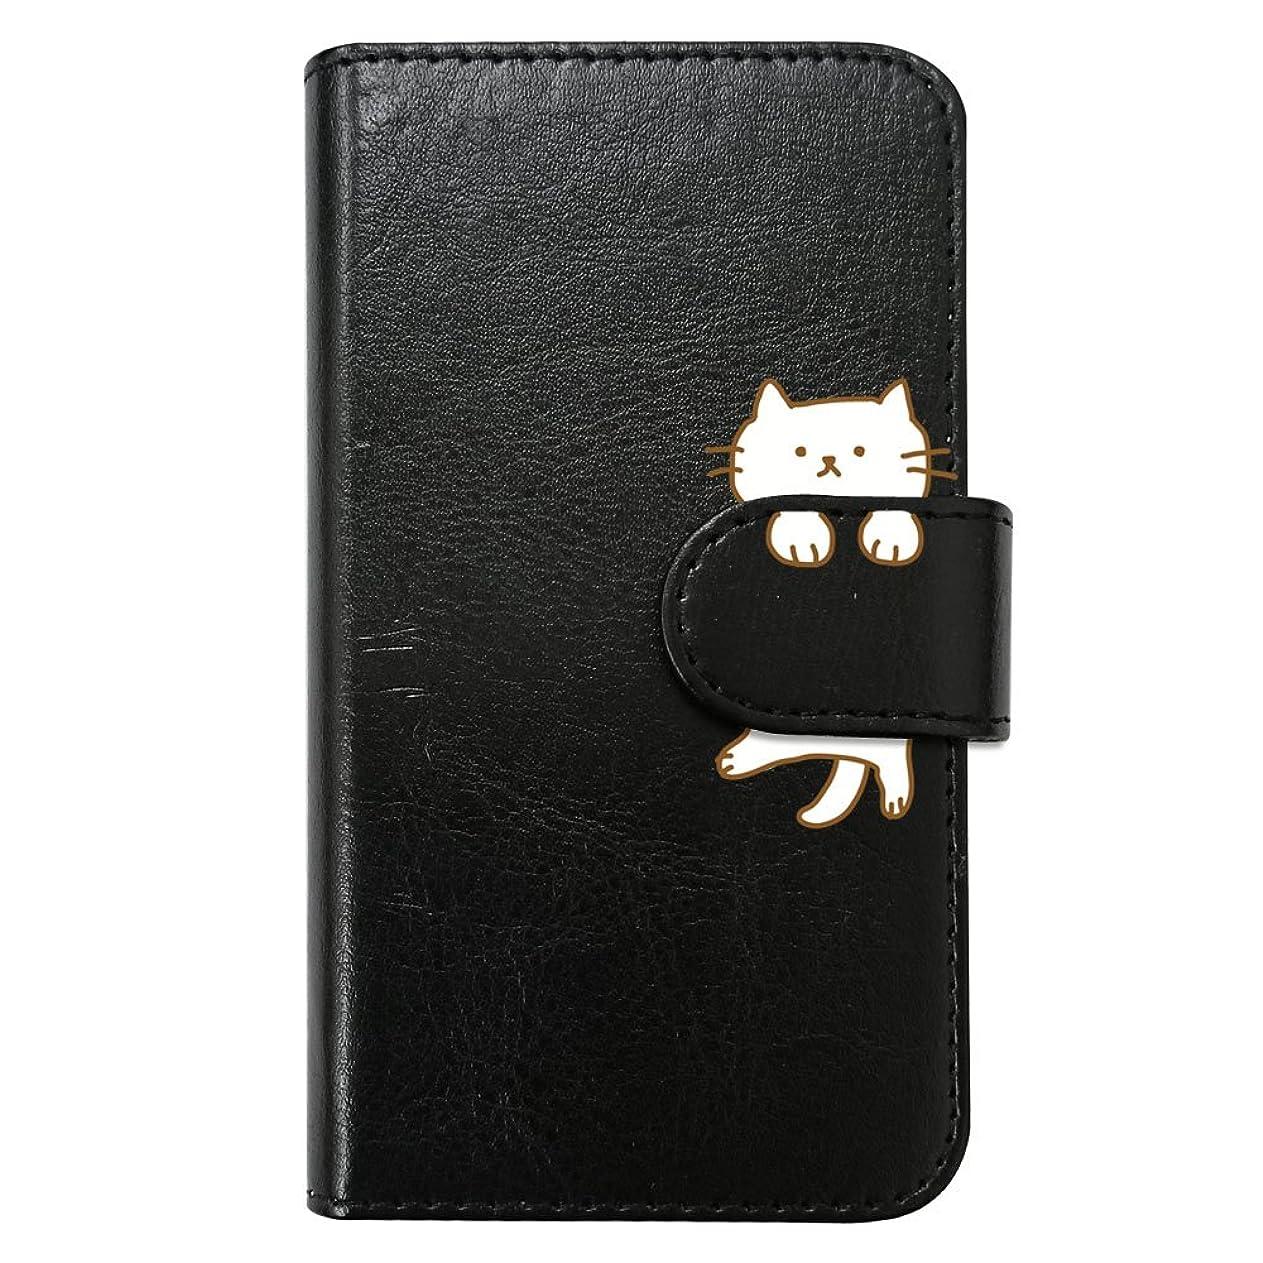 権限奇跡巧みな【moimoikka】 iPodTouch5 アイポッドタッチ5 手帳型 スマホ ケース ねこ 動物 キャラクター かわいい (ブラック) 猫 アニマル ダイアリータイプ 横開き カード収納 フリップ カバー スマートフォン モイモイッカ もいもいっか sslink